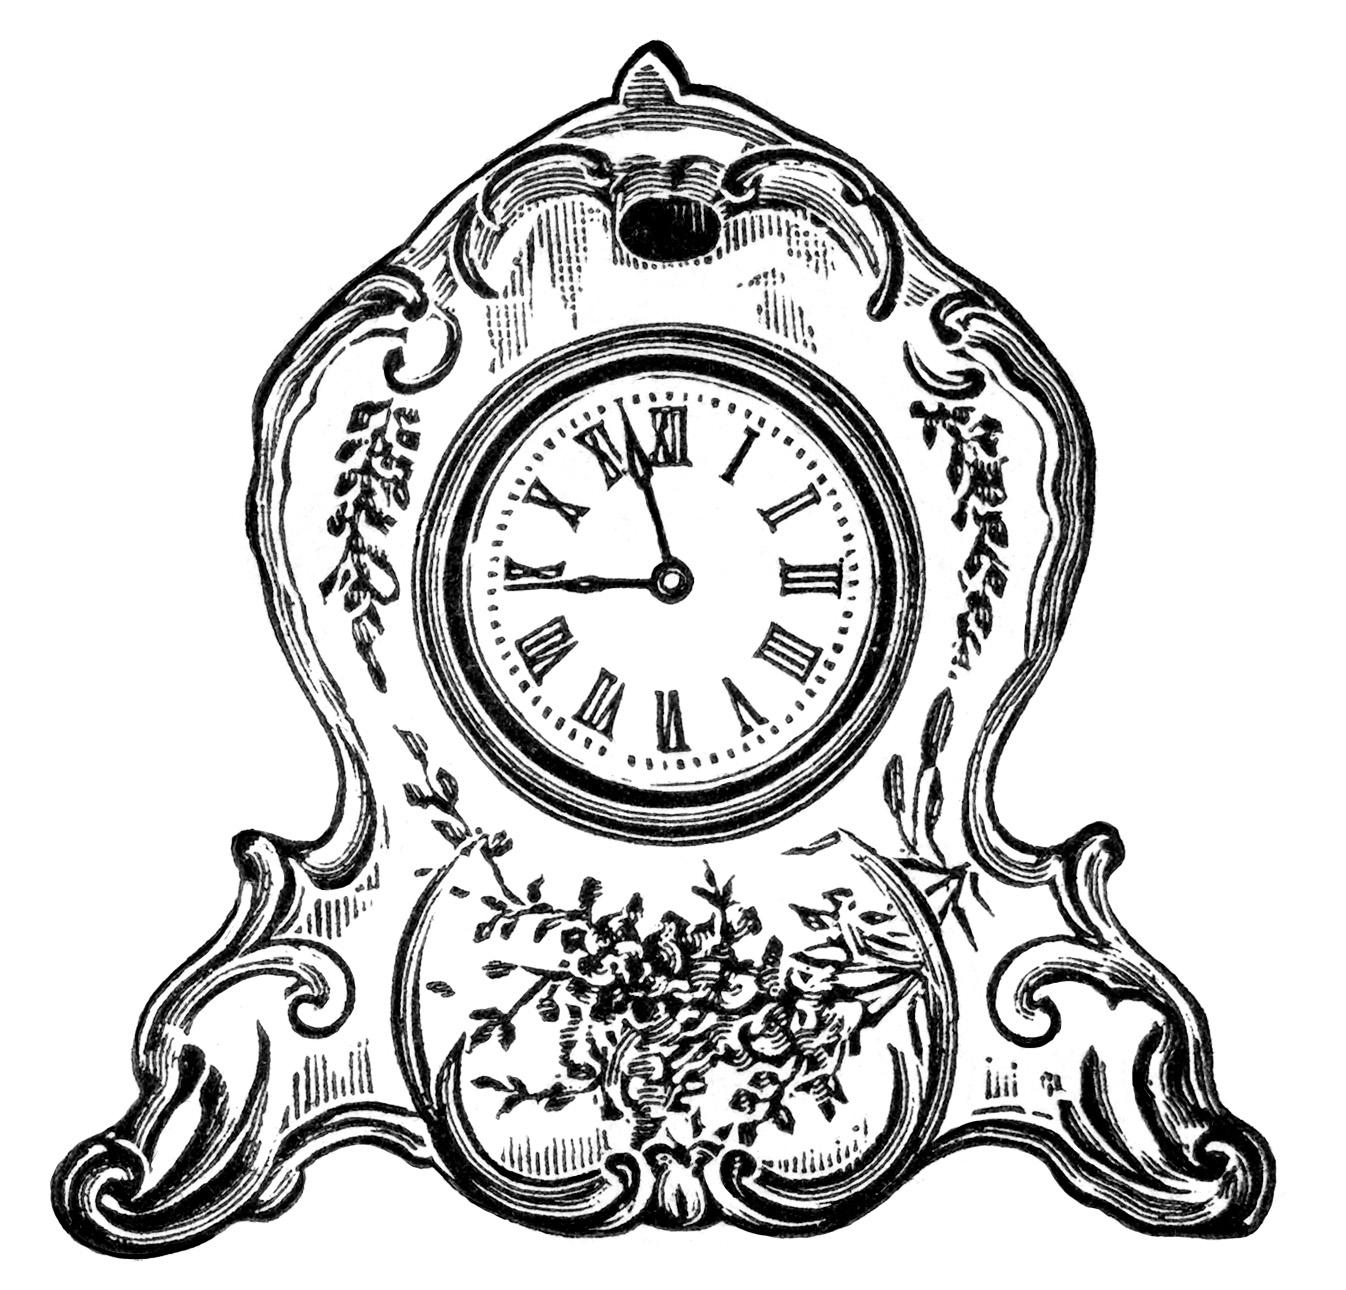 1346x1290 Free Vintage Image Decorated Porcelain Clock Clip Art Old Design